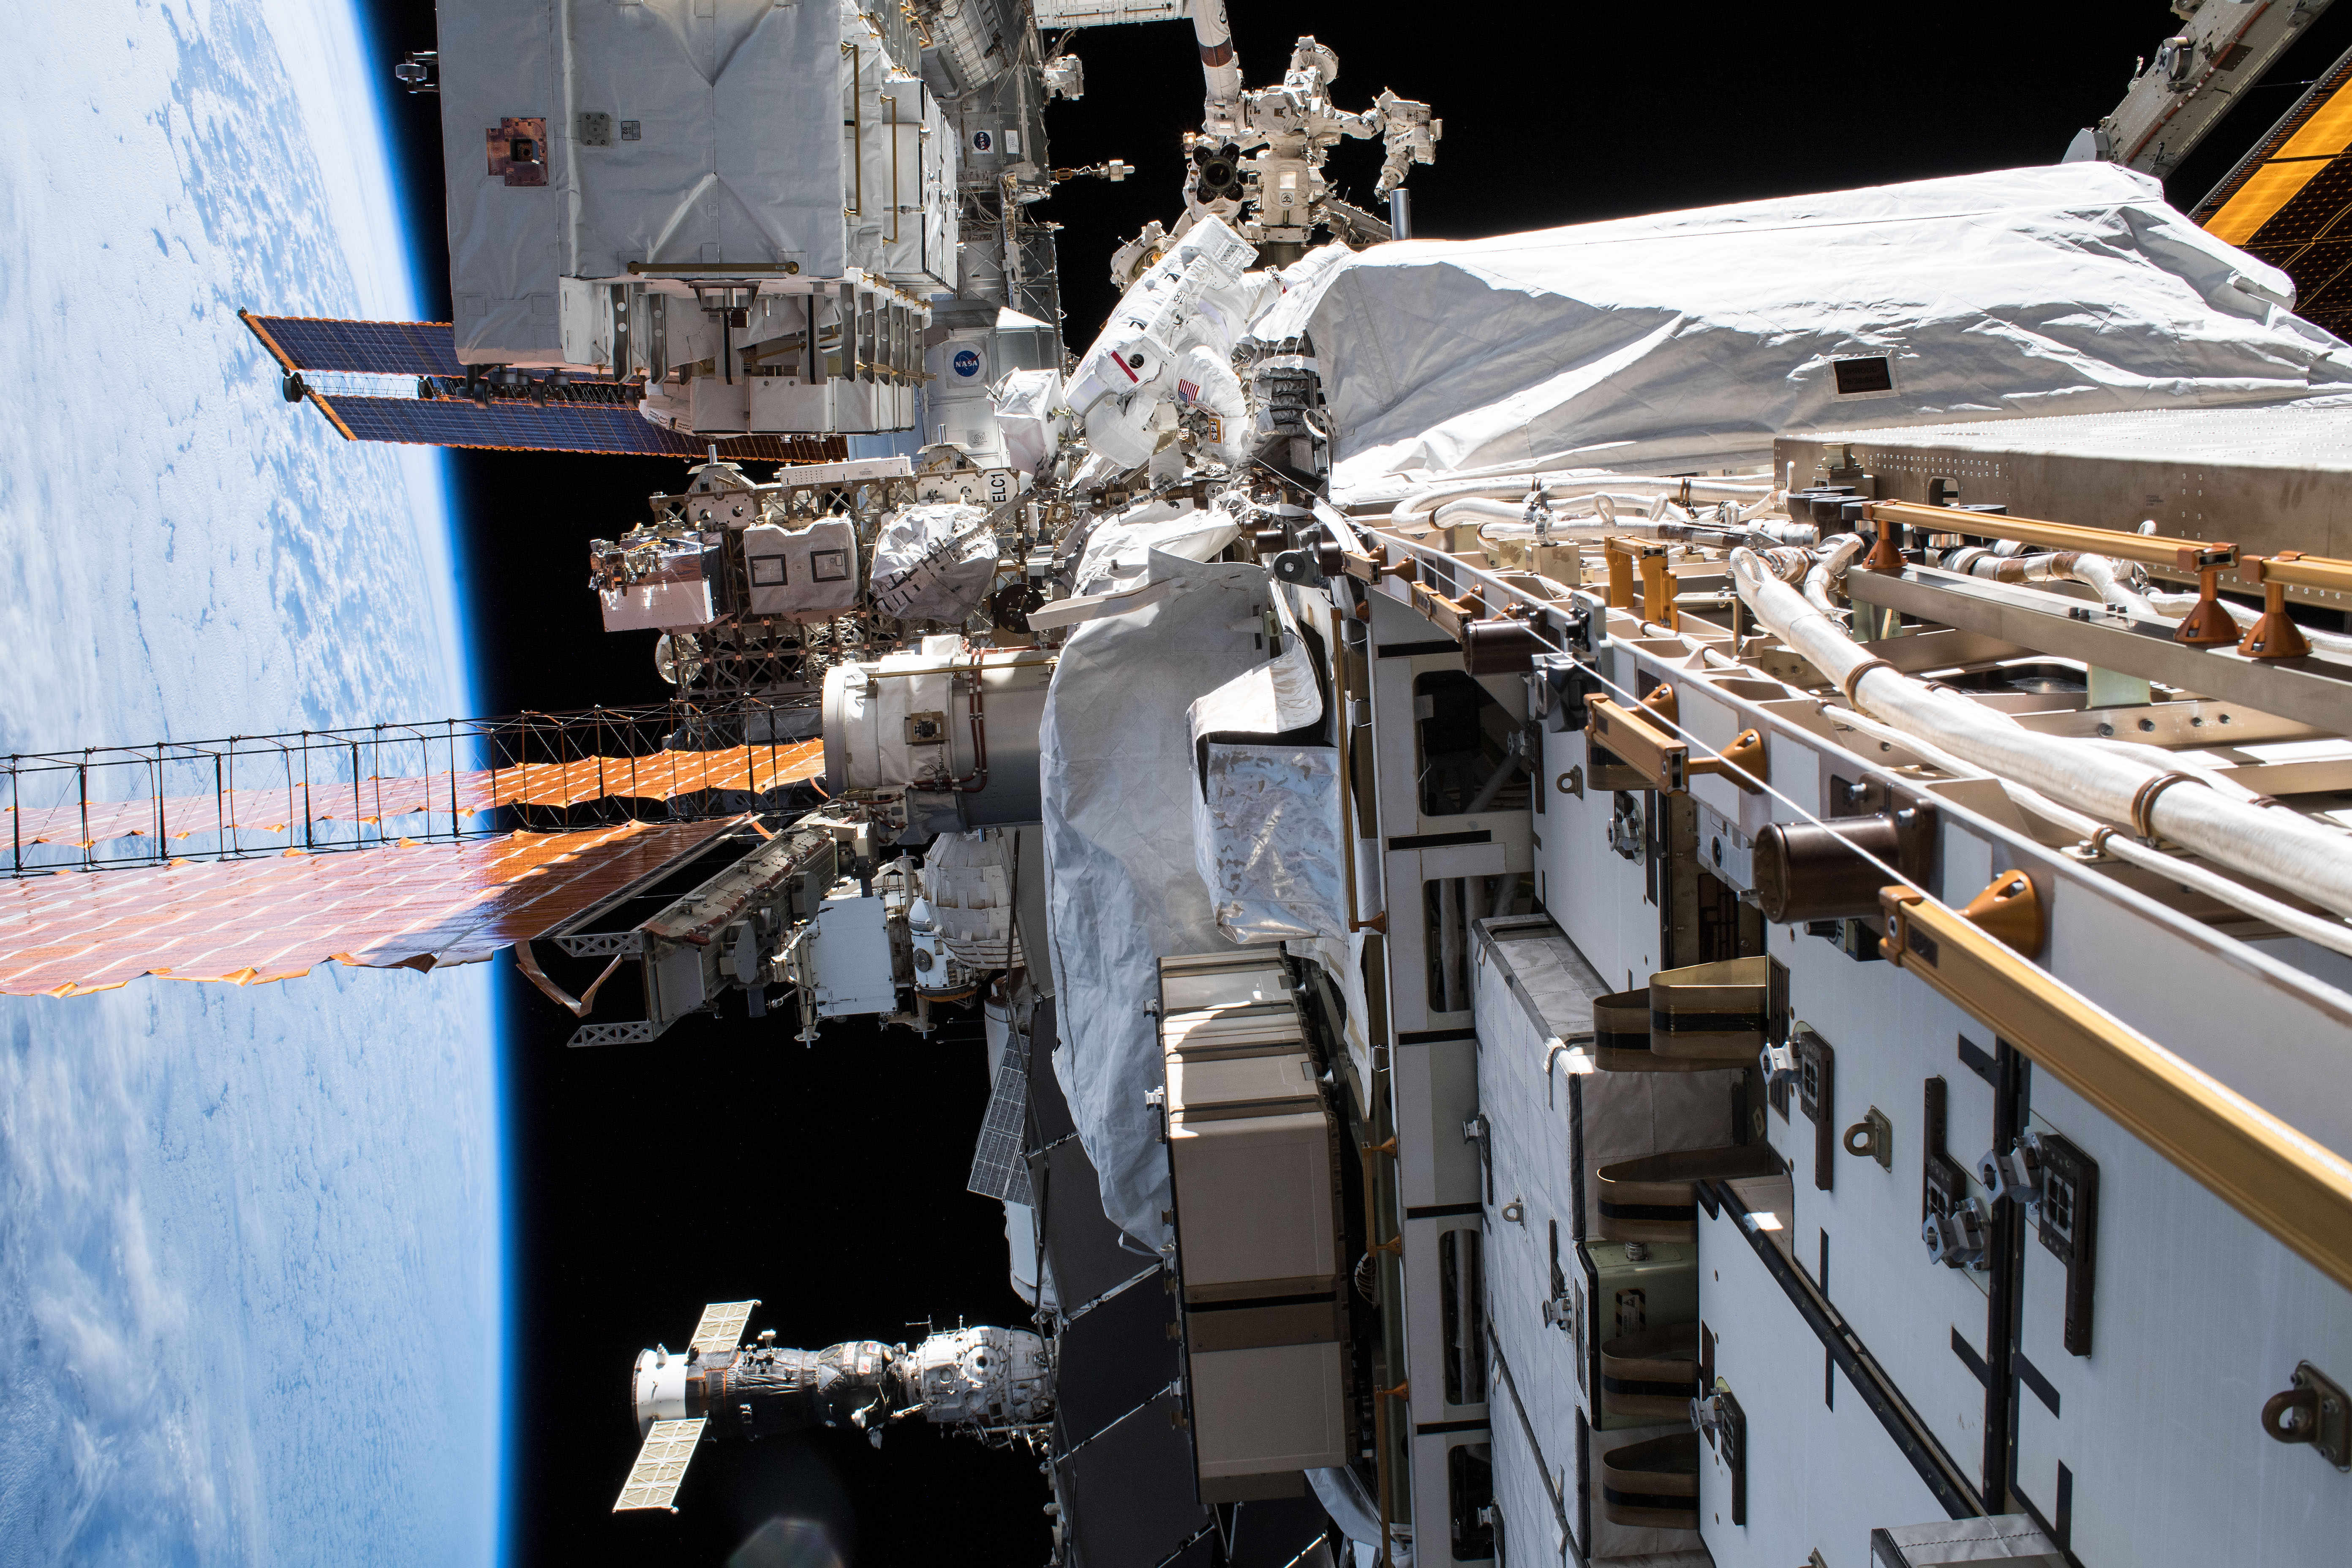 Предложено построить российскую космическую станцию. МКС предсказали печальную судьбу